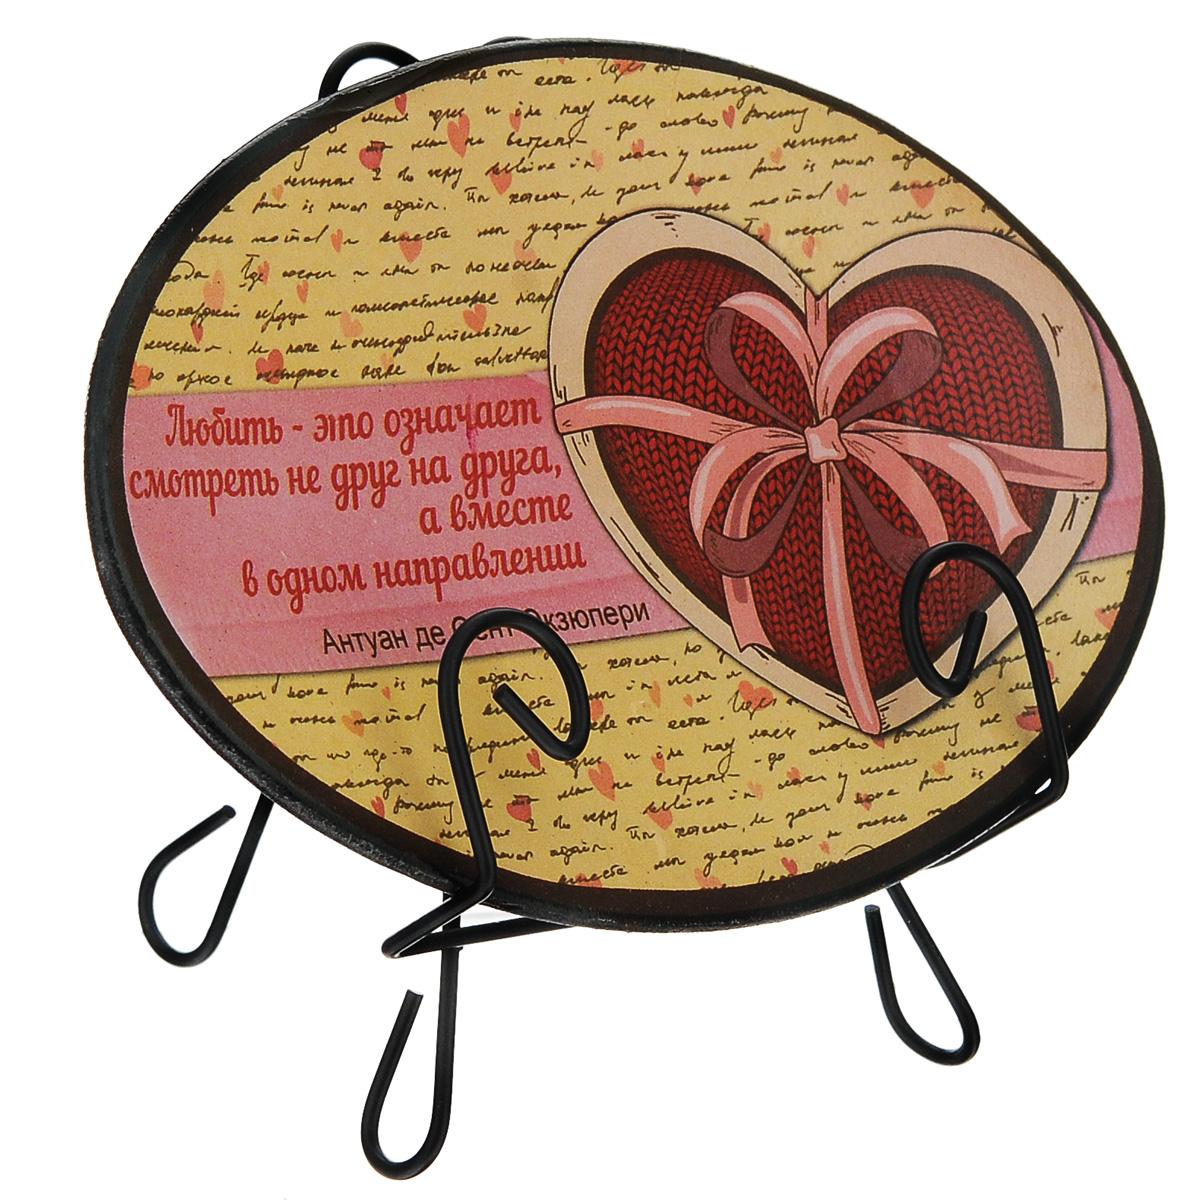 Тарелка декоративная Антуан де Сент-Экзюпери, на подставке, 15 х 10 см299212-158Декоративная тарелка на подставке станет прекрасным дополнением к декору практически любого помещения, будь то кухня, столовая, гостиная, холл или рабочий кабинет. Тарелка выполнена из доломитовой керамики, подставка в виде треноги,благодаря которой сувенир удобно и быстро располагается на любой горизонтальной поверхности, - из черного металла. Поверхность декорирована изображением сердца, перевязанного лентой с роскошным бантом, а также цитатой Антуана де Сент-Экзюпери: Любить - это означает смотреть не друг на друга, а вместе в одном направлении. Очаровательная декоративная тарелка - замечательный подарок друзьям и близким людям. Размер тарелки (без подставки): 15,2 см х 10 см х 1,5 см. Размер сувенира с подставкой: 15,2 см х 8 см х 12 см.